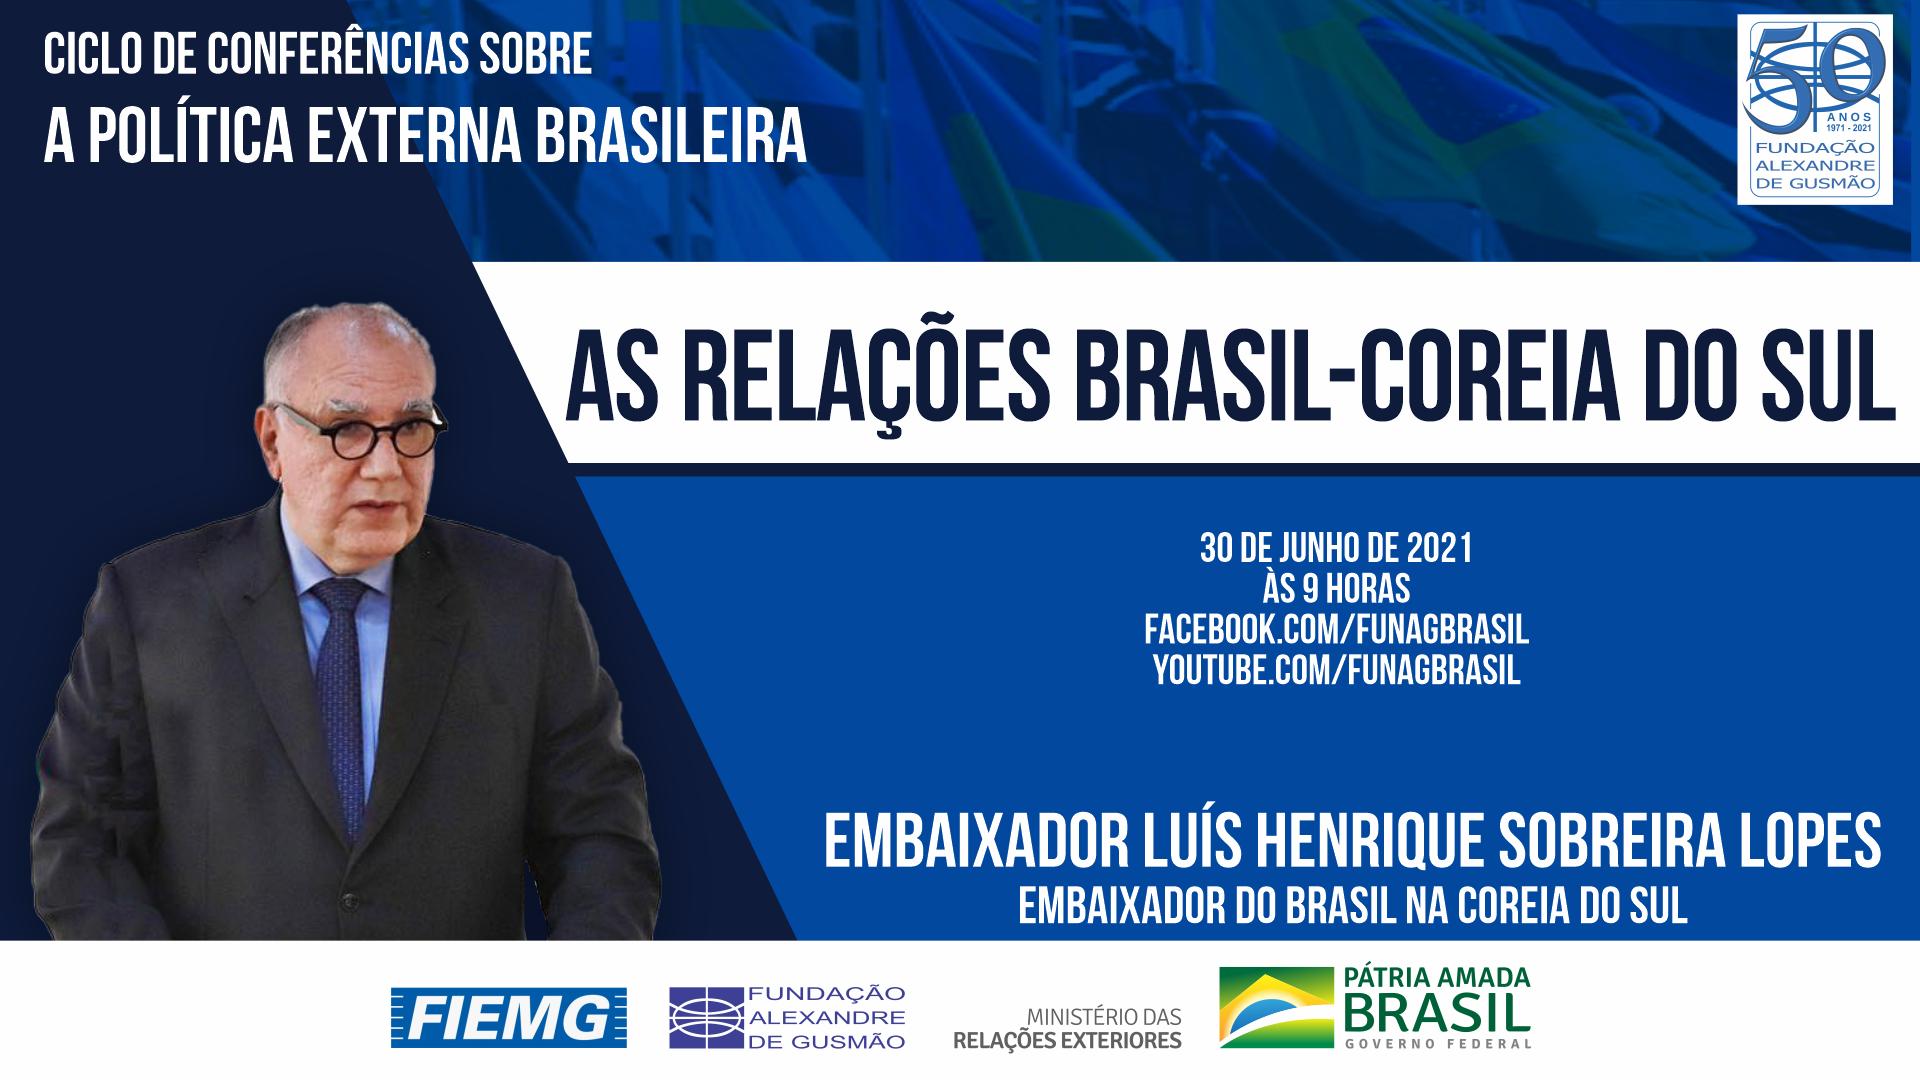 FUNAG promove conferência do Embaixador do Brasil na Coreia do Sul, Luís Henrique Sobreira Lopes